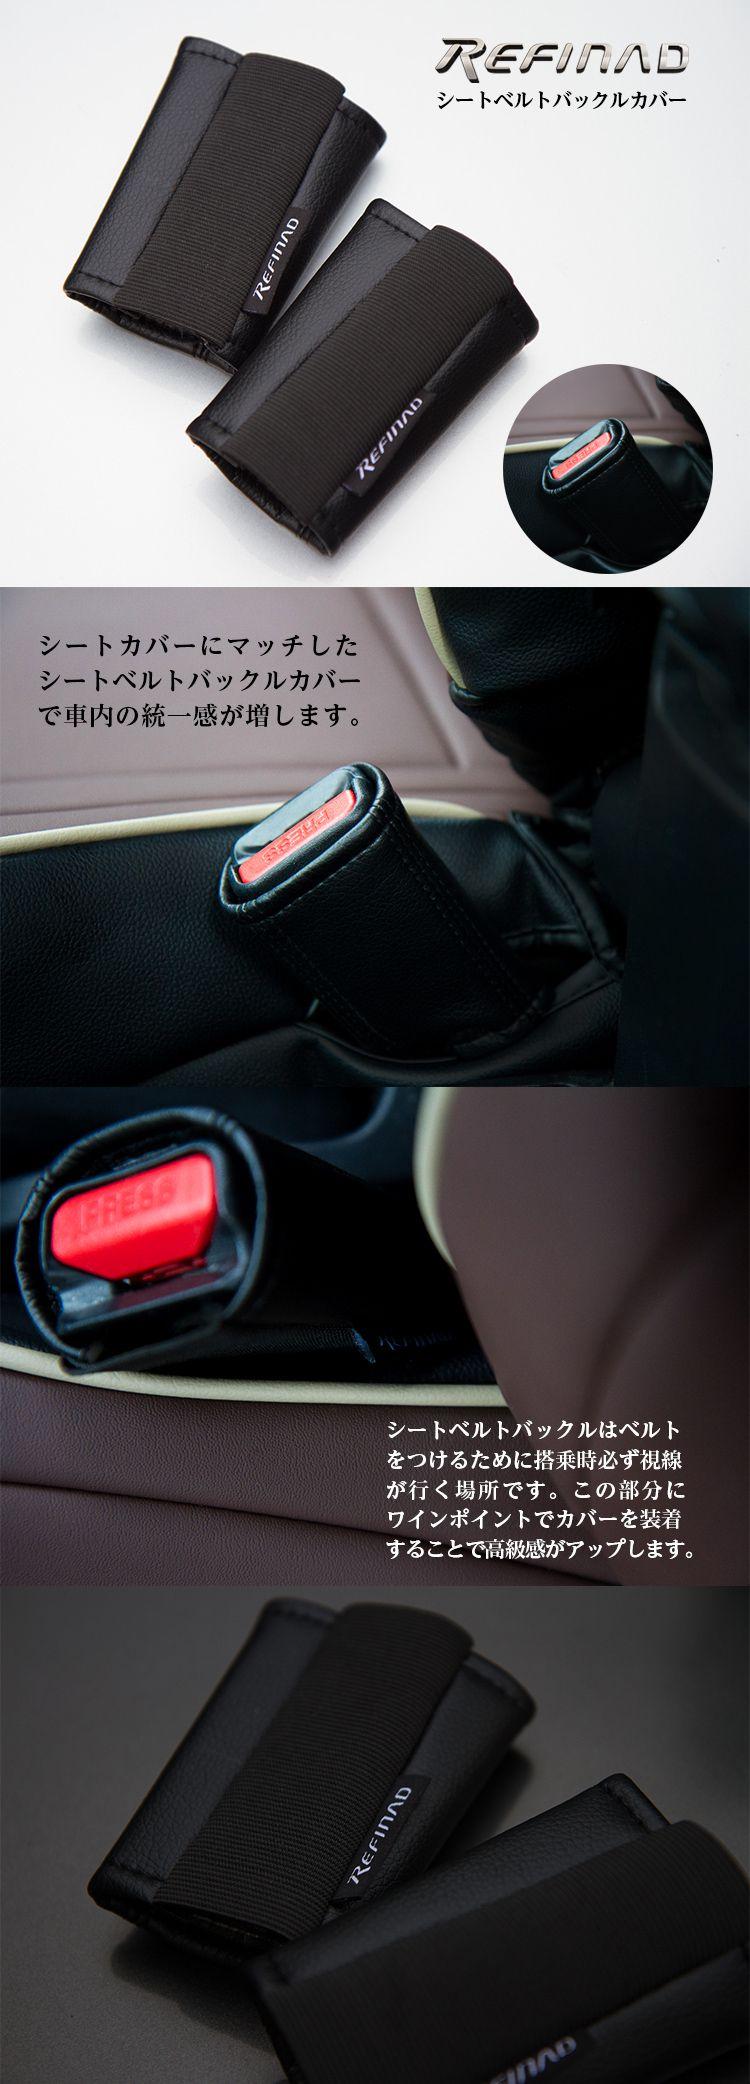 Refinadシートカバーデザイナーのデザインによる、Refinadのシートベルトバックルカバー。Refinadシートカバーと一緒に取り付けると車内の統一感が増し、高級感がアップします。